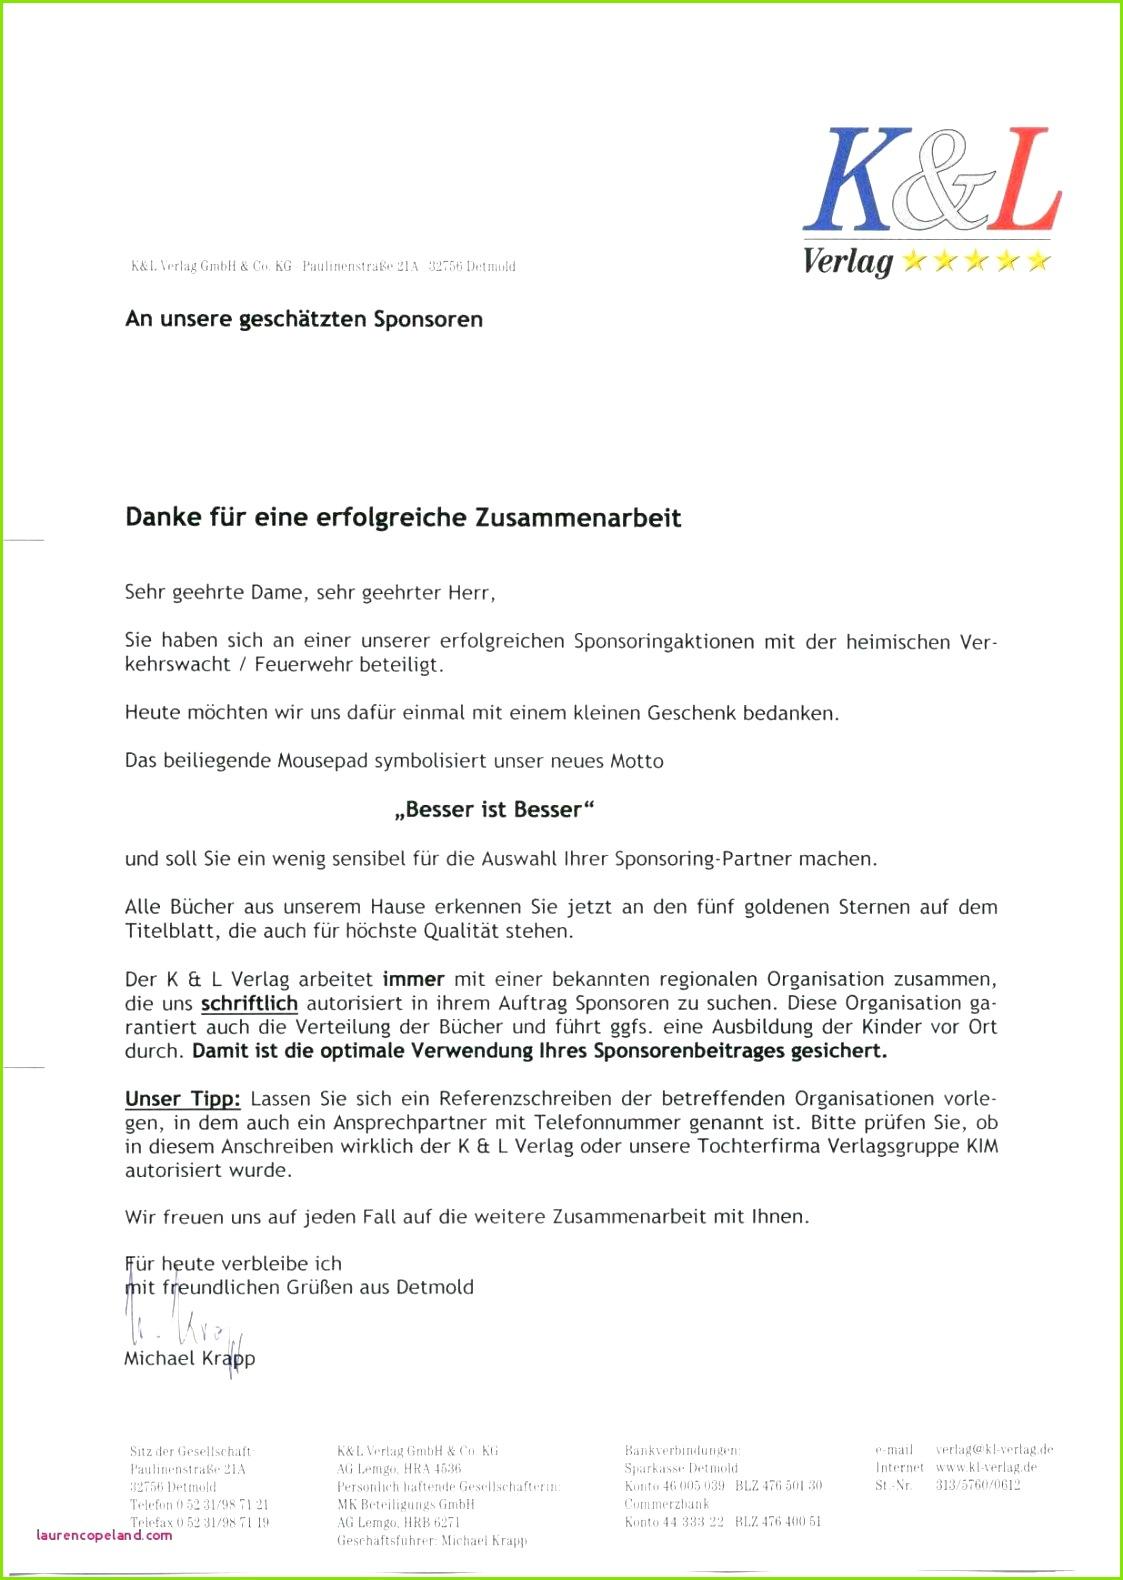 Autofachmann Berichtsheft Vorlage Pdf Od Wykluczenia Do Zatrudnienia Außerordentliche Angenehm Danke Fur Spende Vorlage Galerie